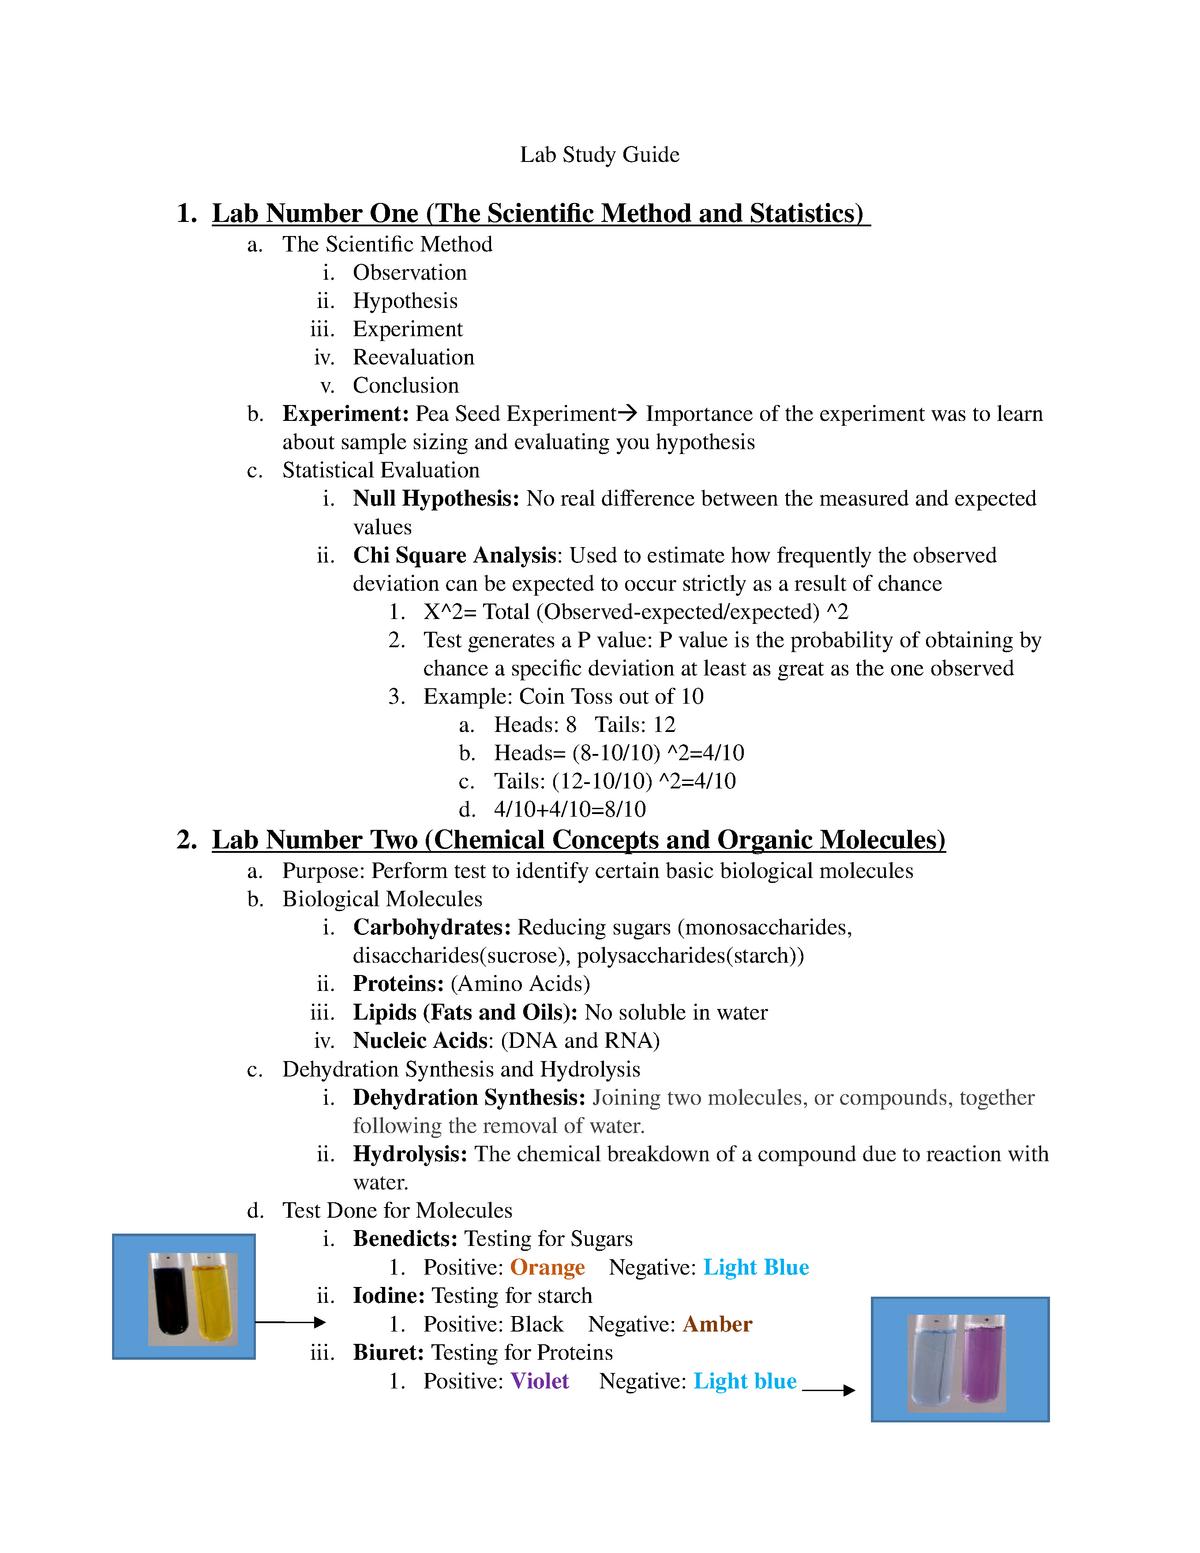 Biology Semester Exam Study Guide Flashcards - Cram.com